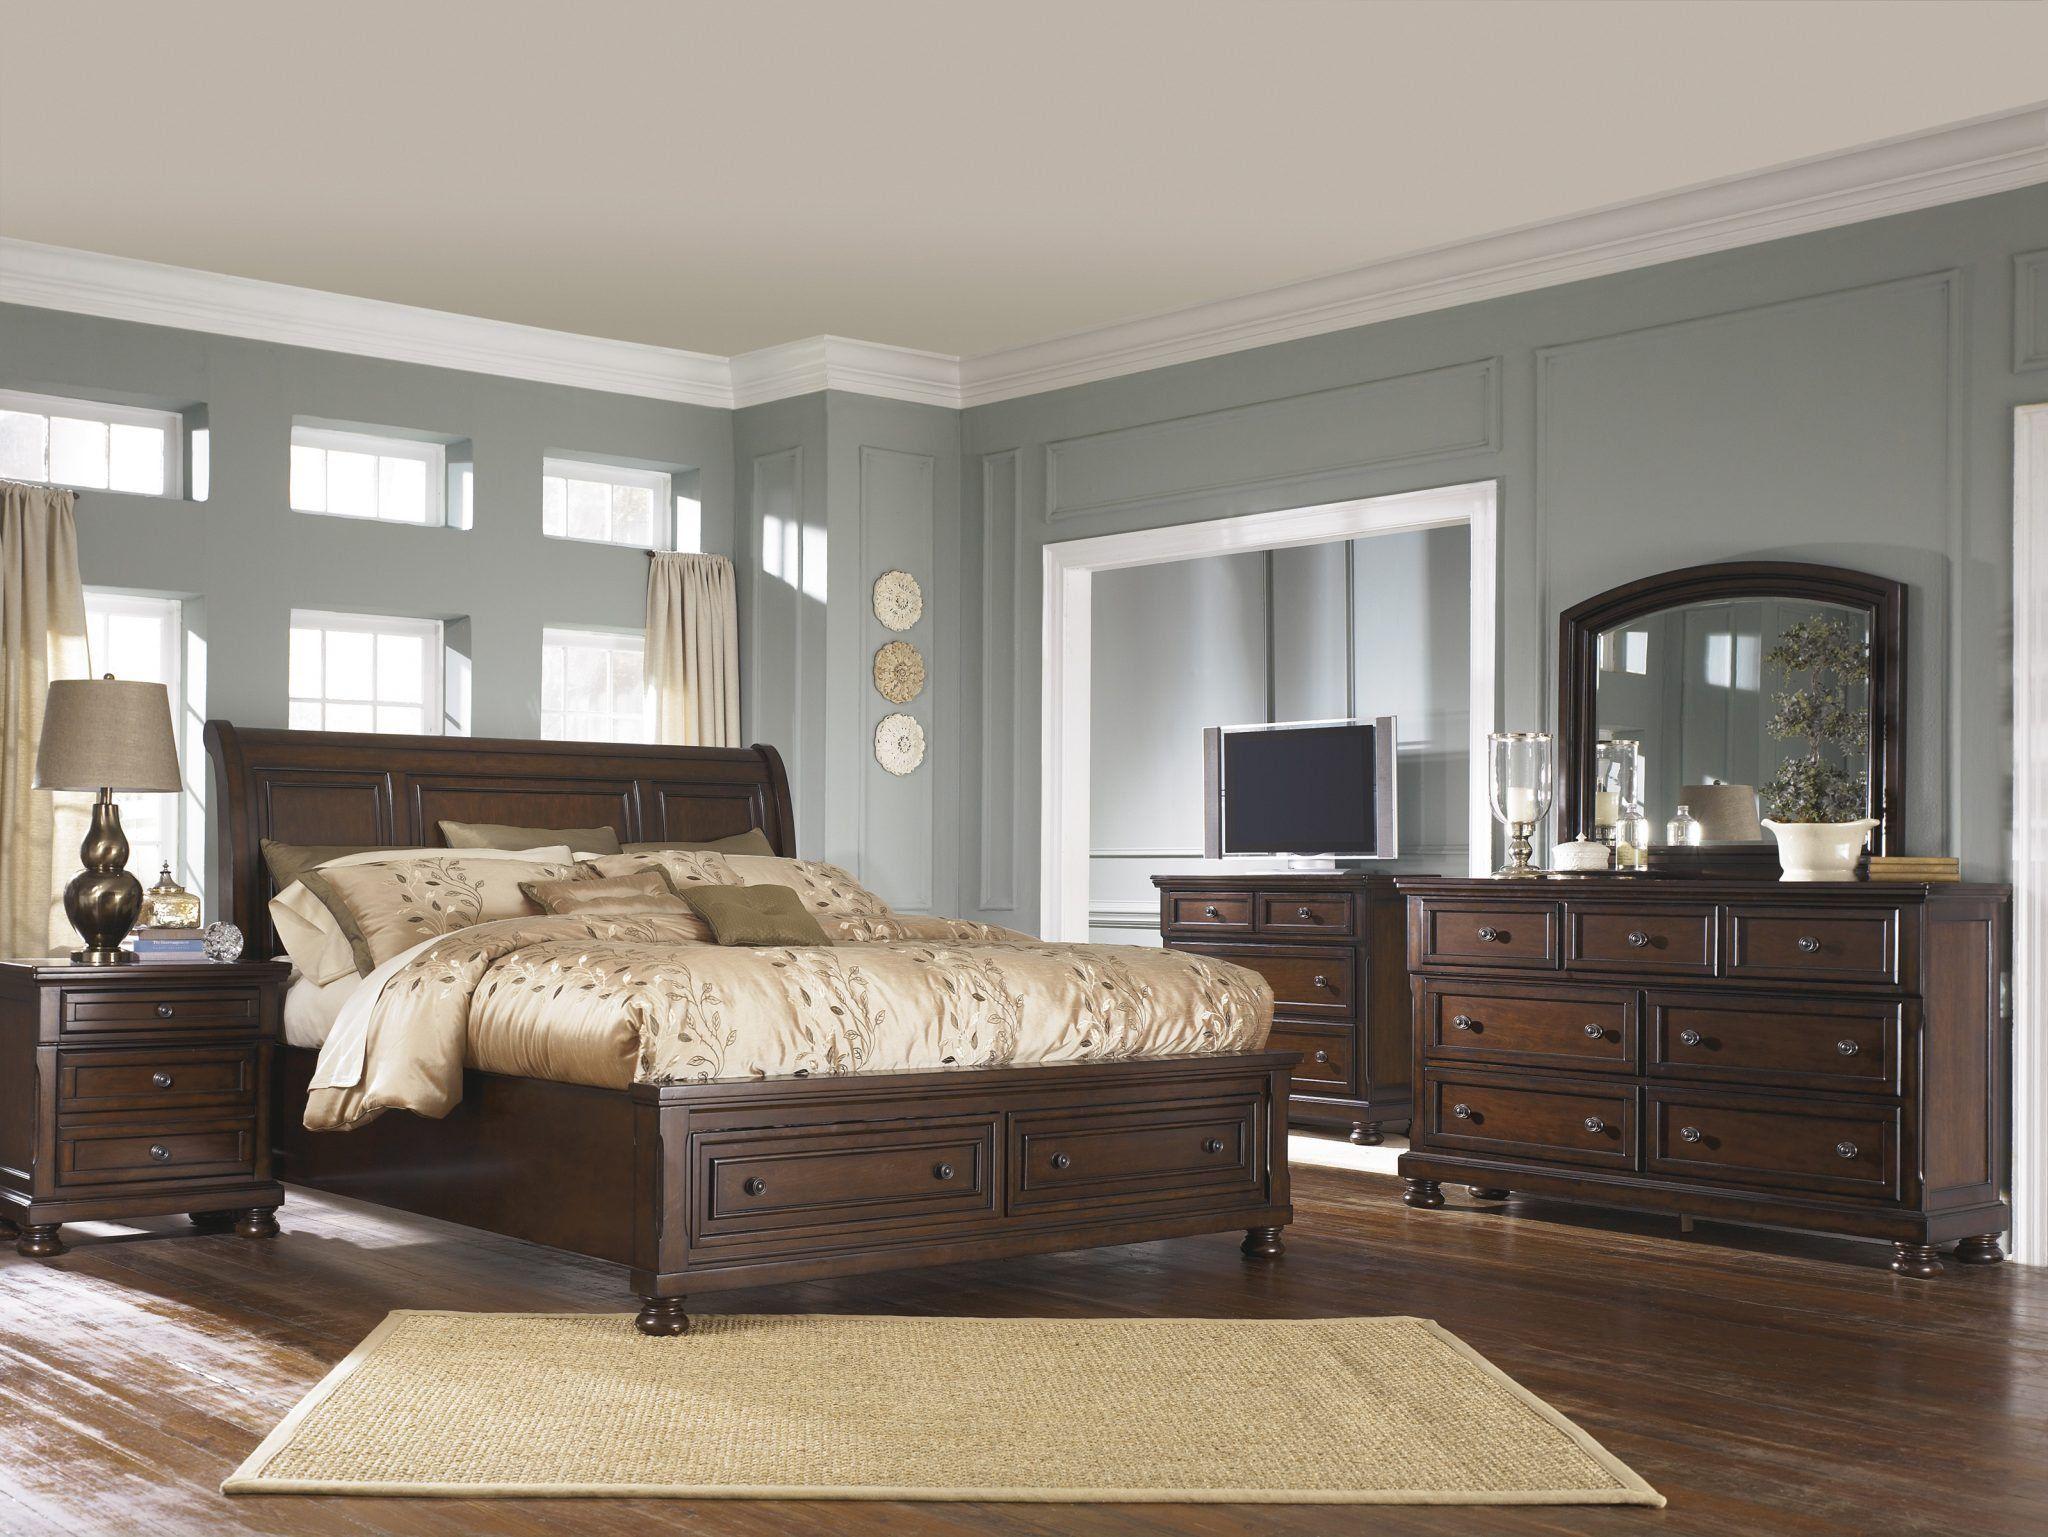 Ashley Furniture Bed Frames | Brown wood bedroom, Bedroom ...